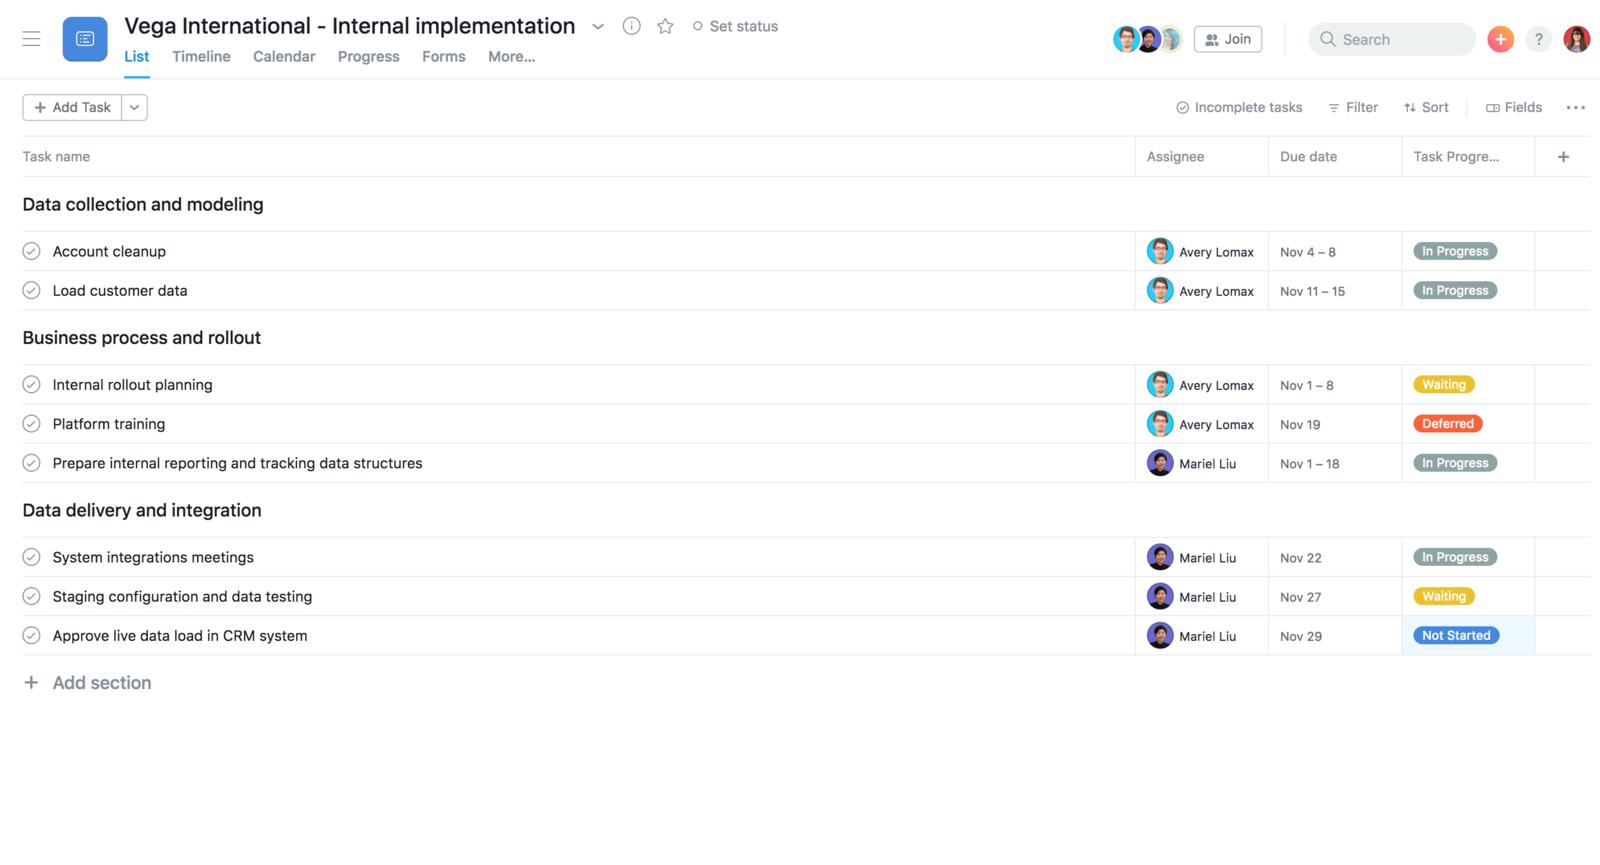 Créer sur Asana un modèle d'intégration interne à dupliquer